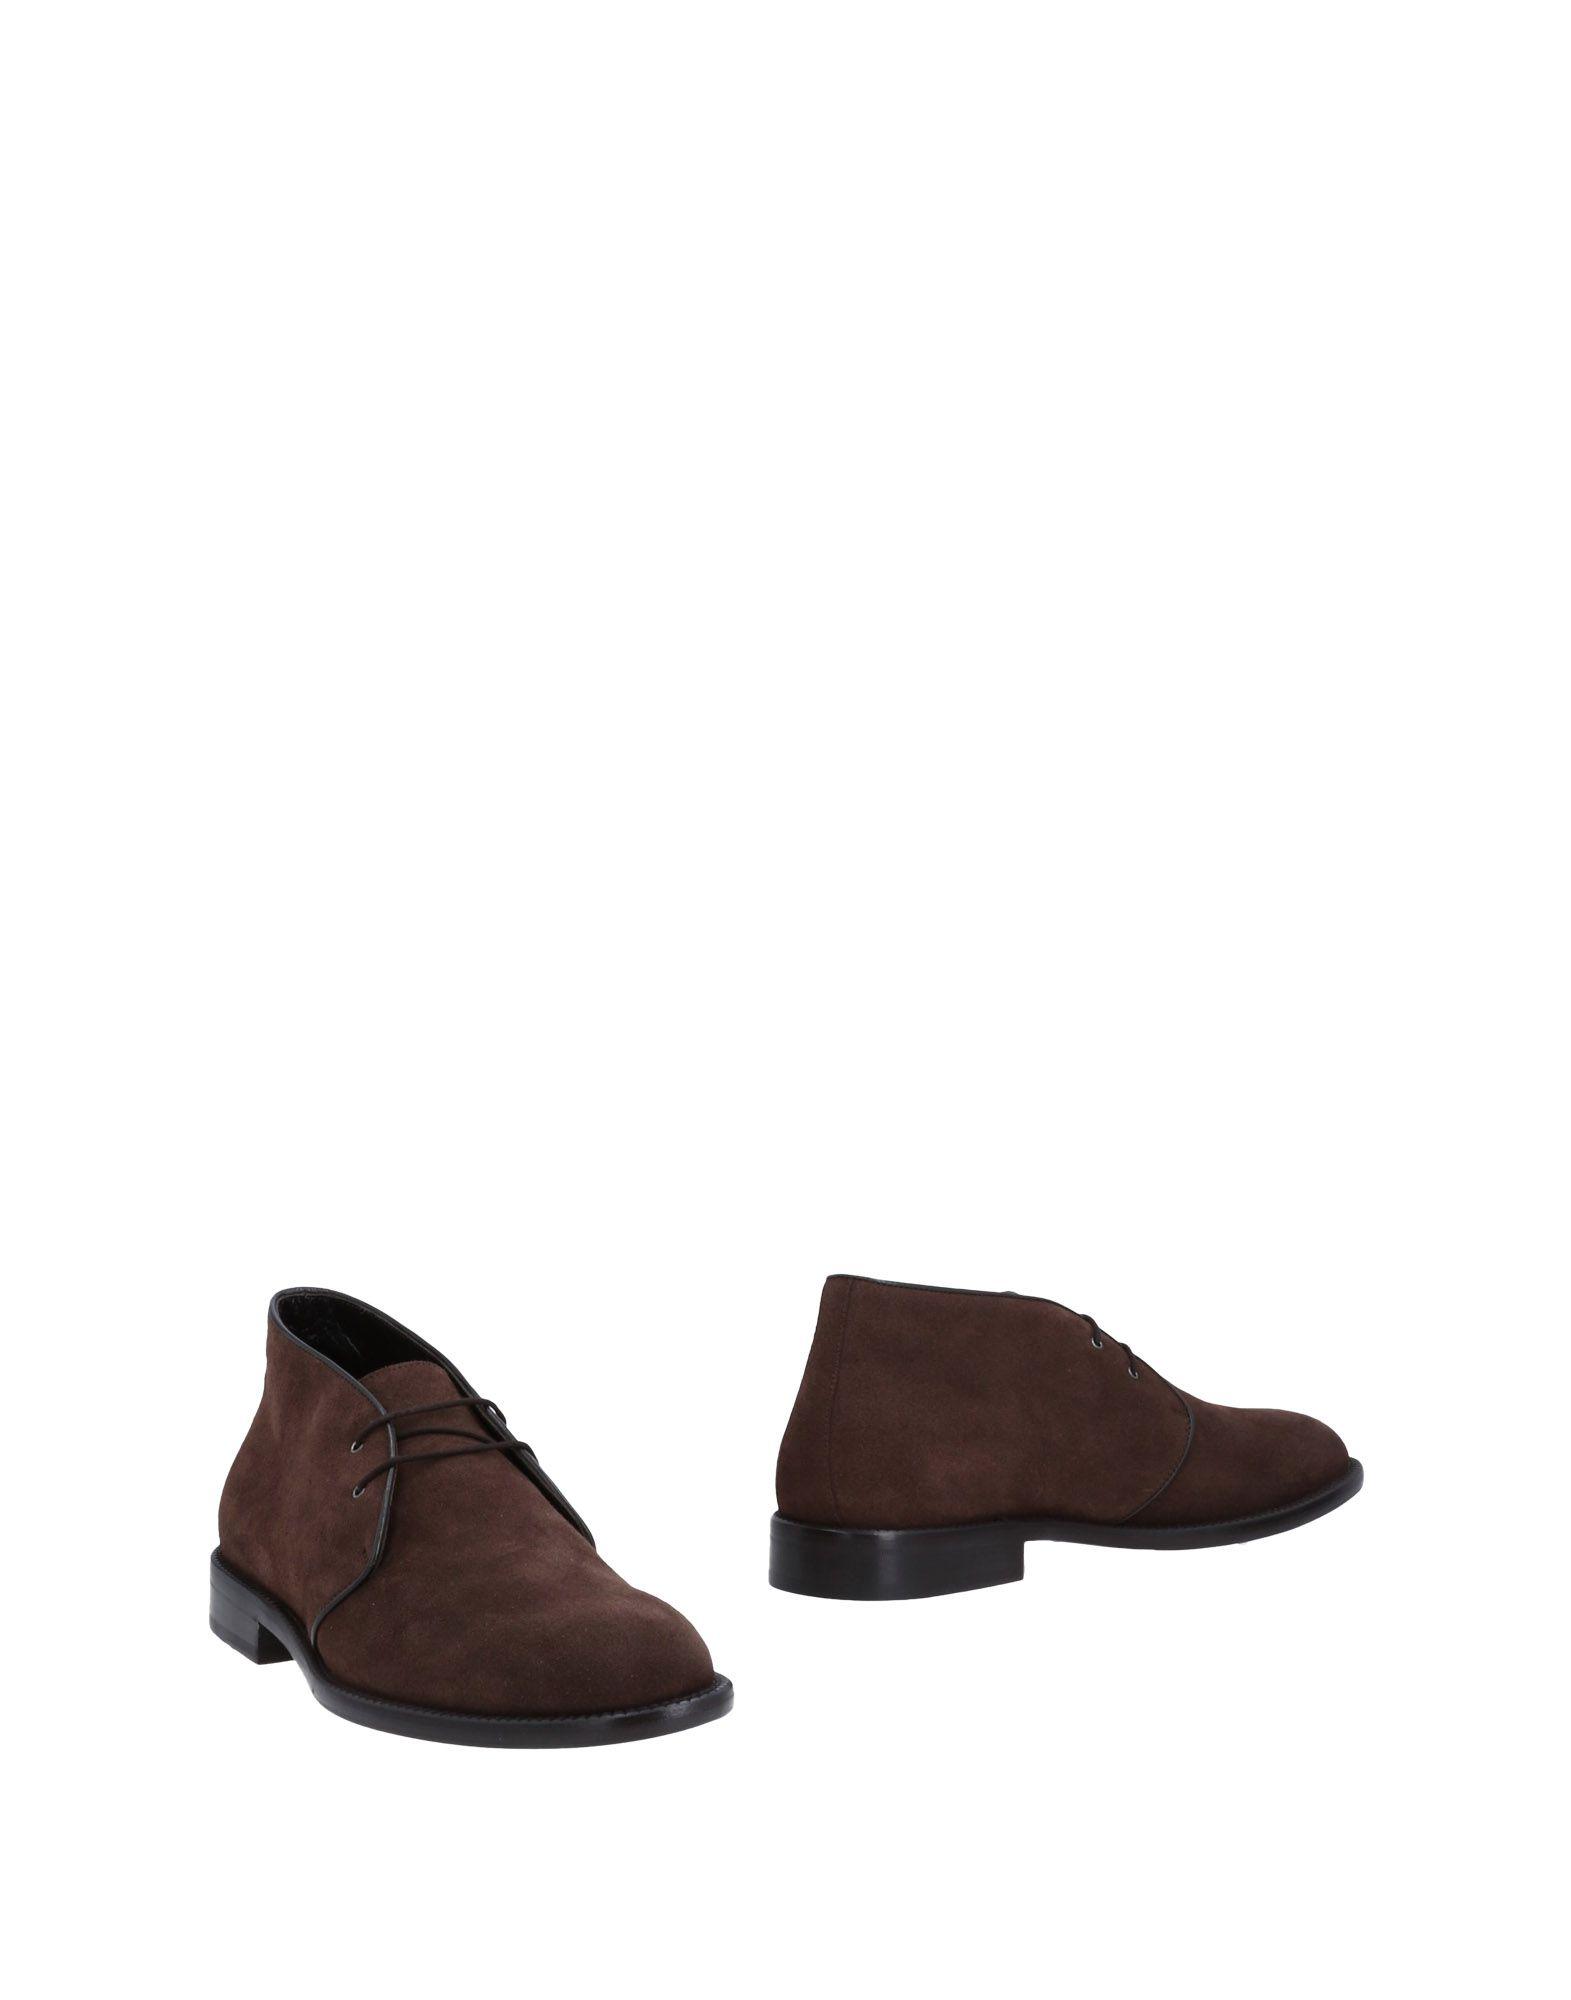 Bruno Magli Stiefelette Herren  11490675ML Gute Qualität beliebte Schuhe